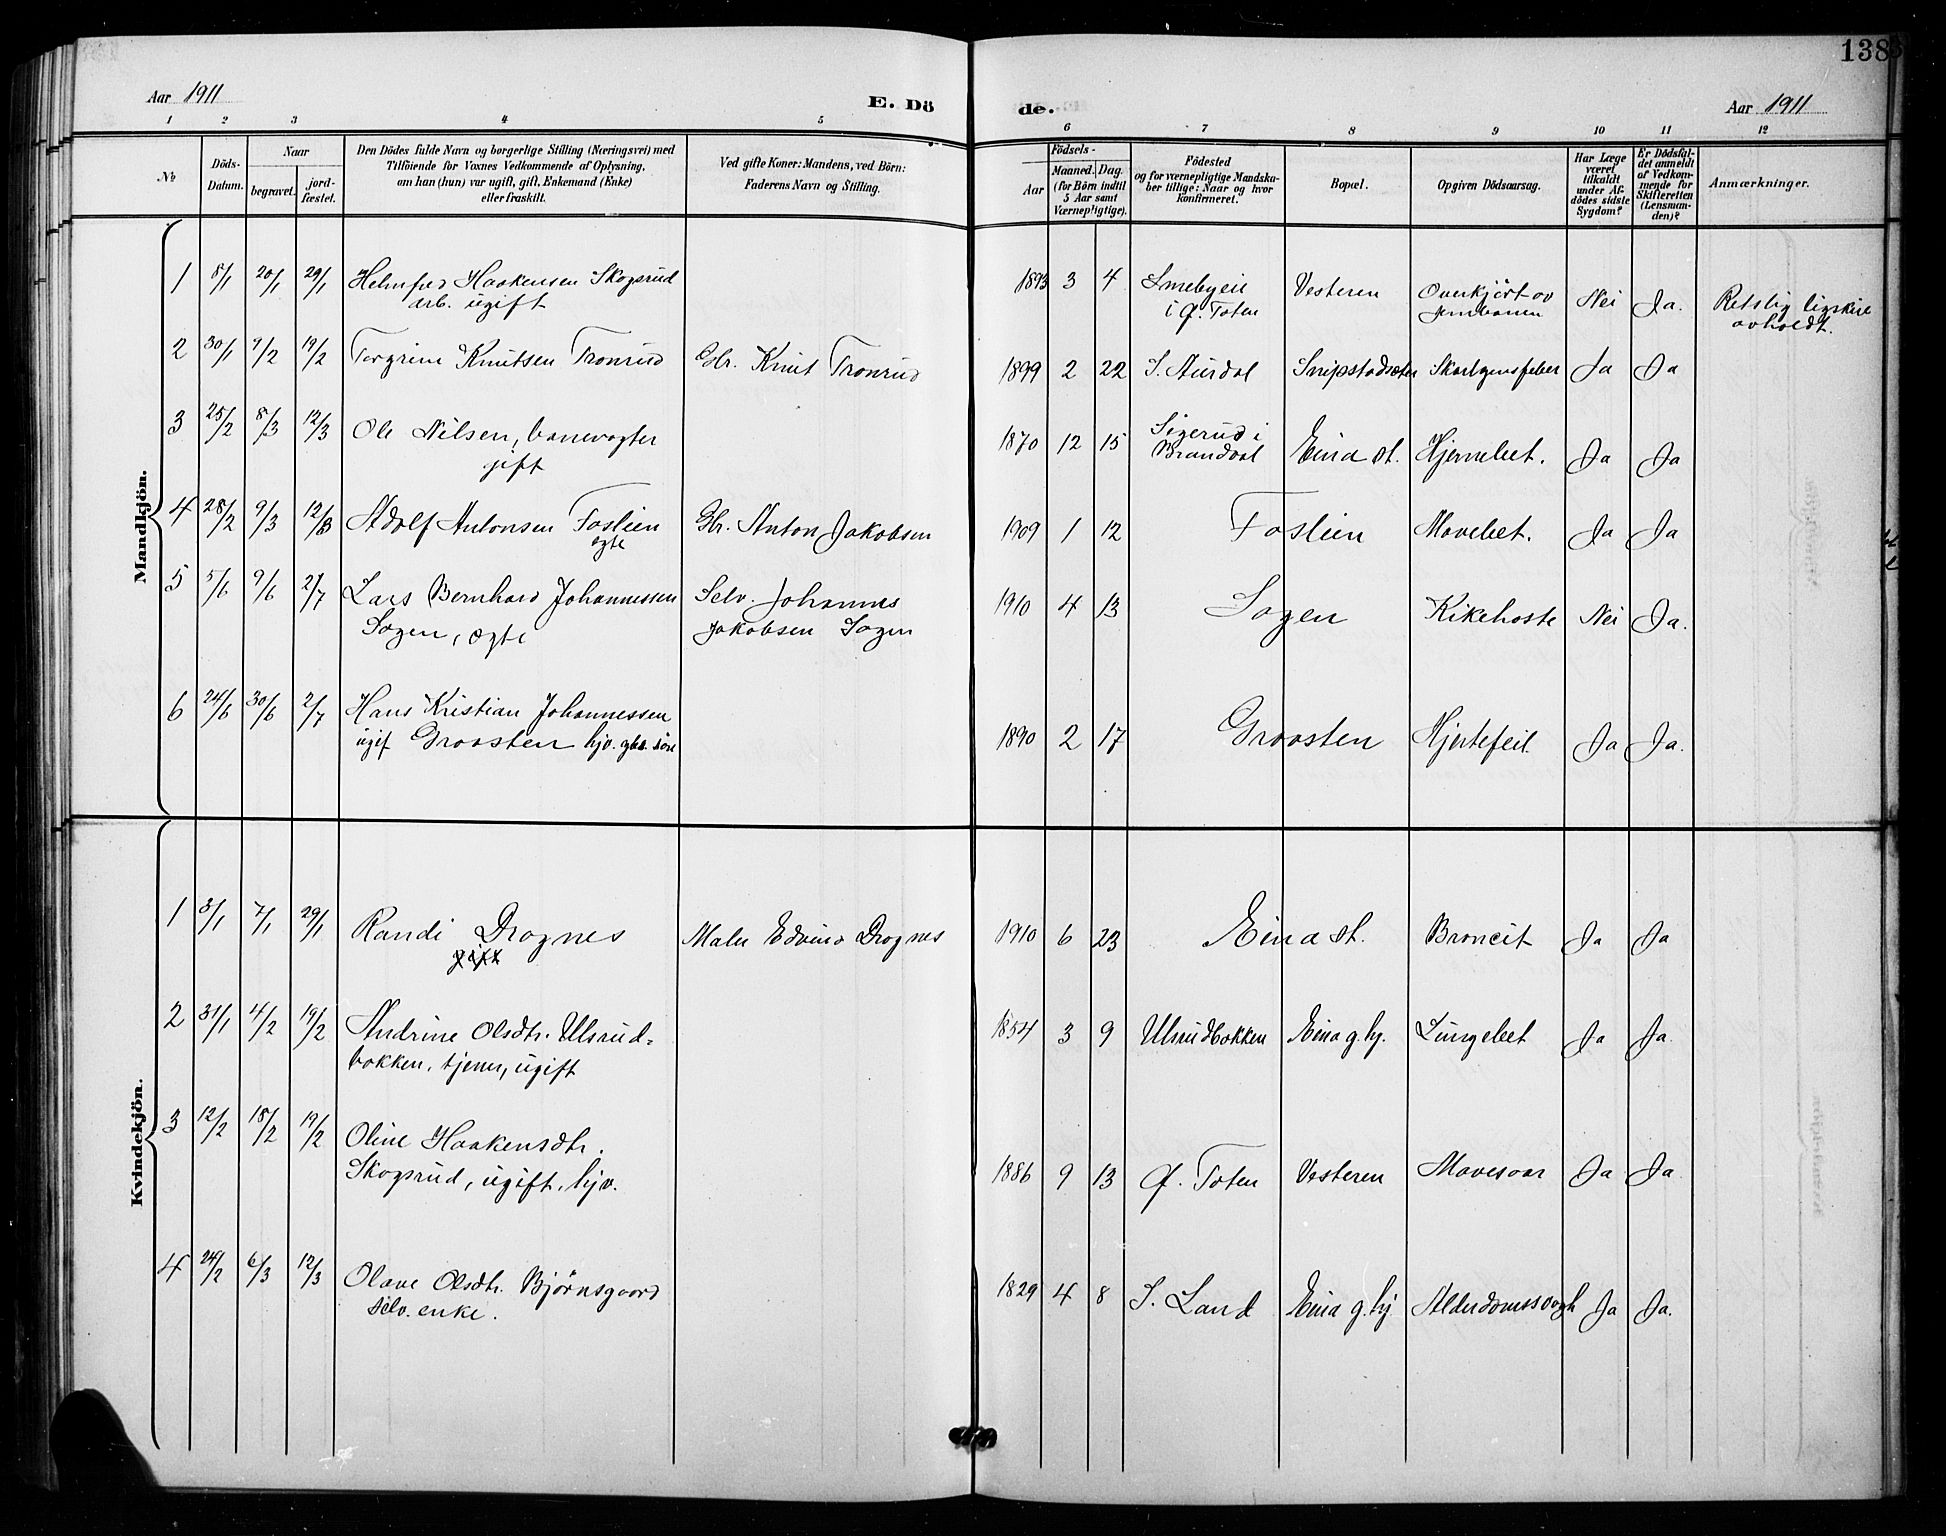 SAH, Vestre Toten prestekontor, Klokkerbok nr. 16, 1901-1915, s. 138